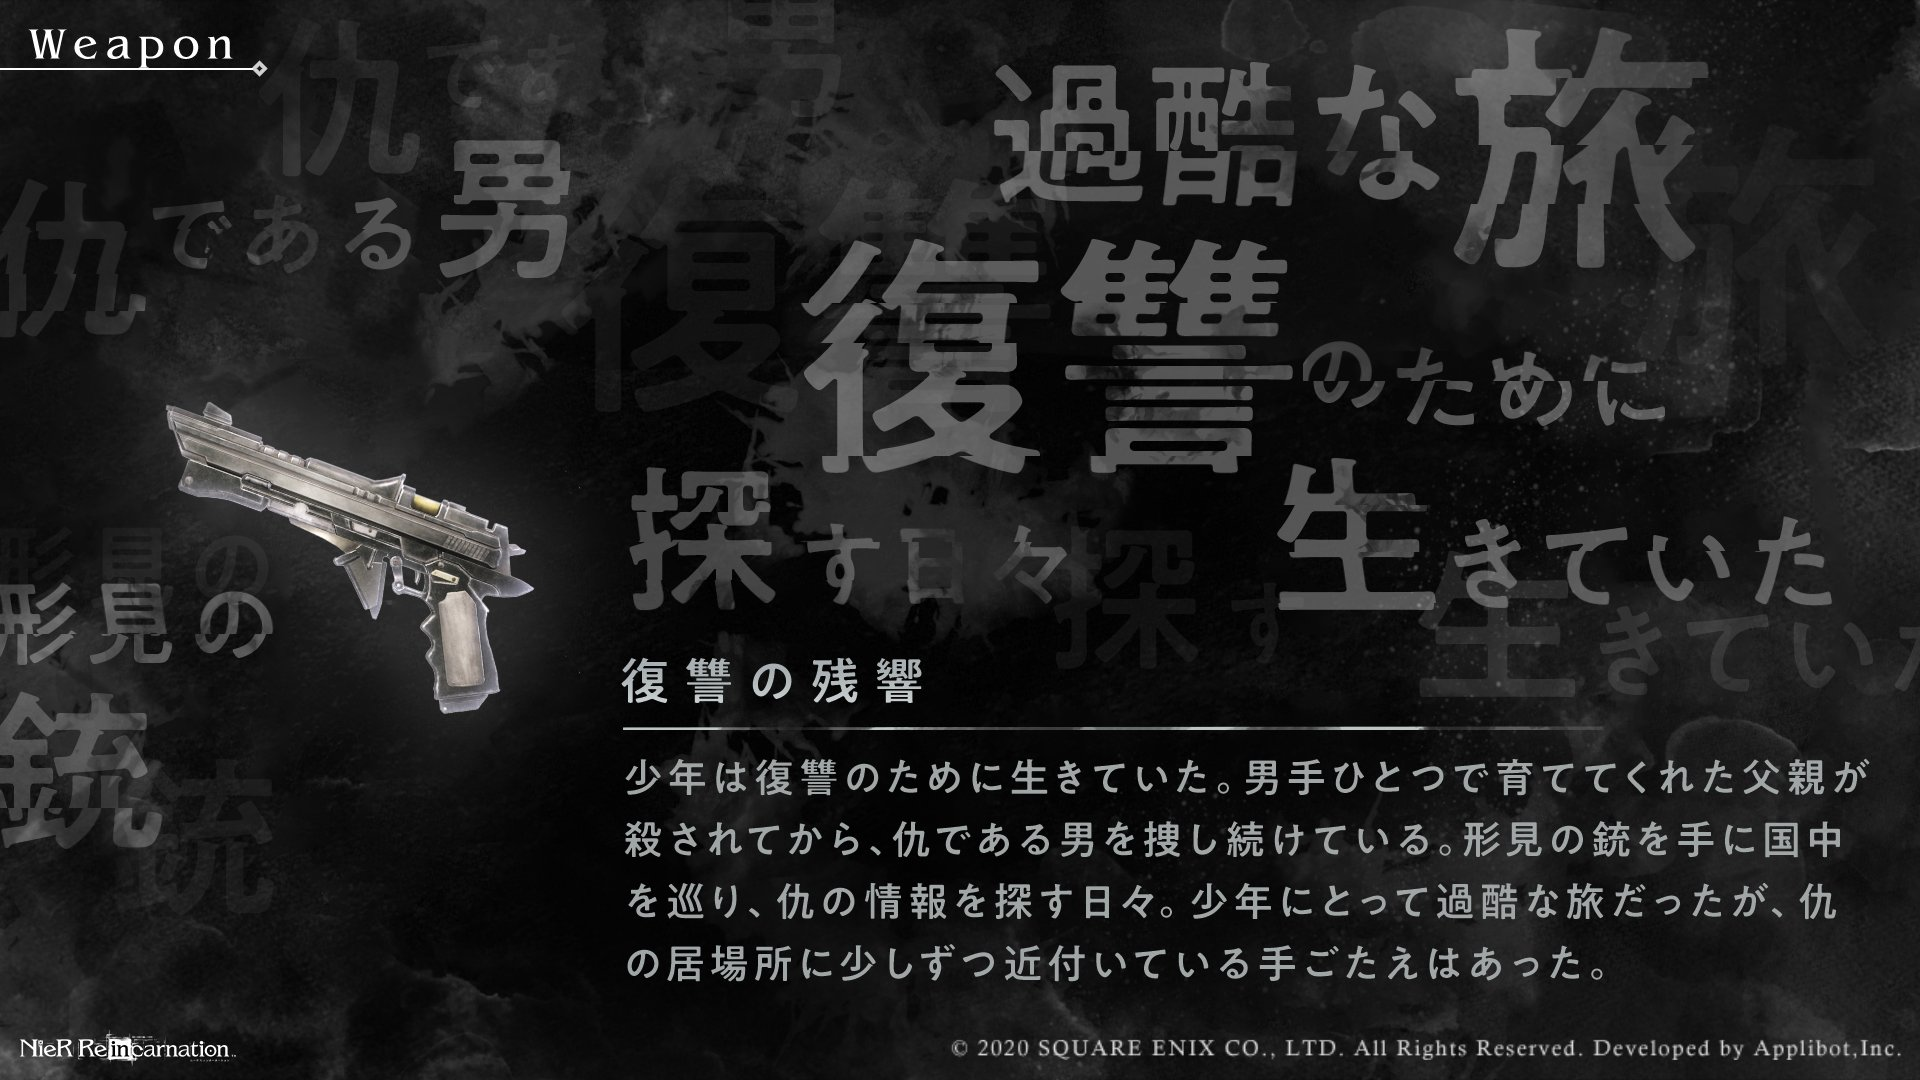 ニーアリィンカーネーション 「復讐の残響」ウェポンストーリー